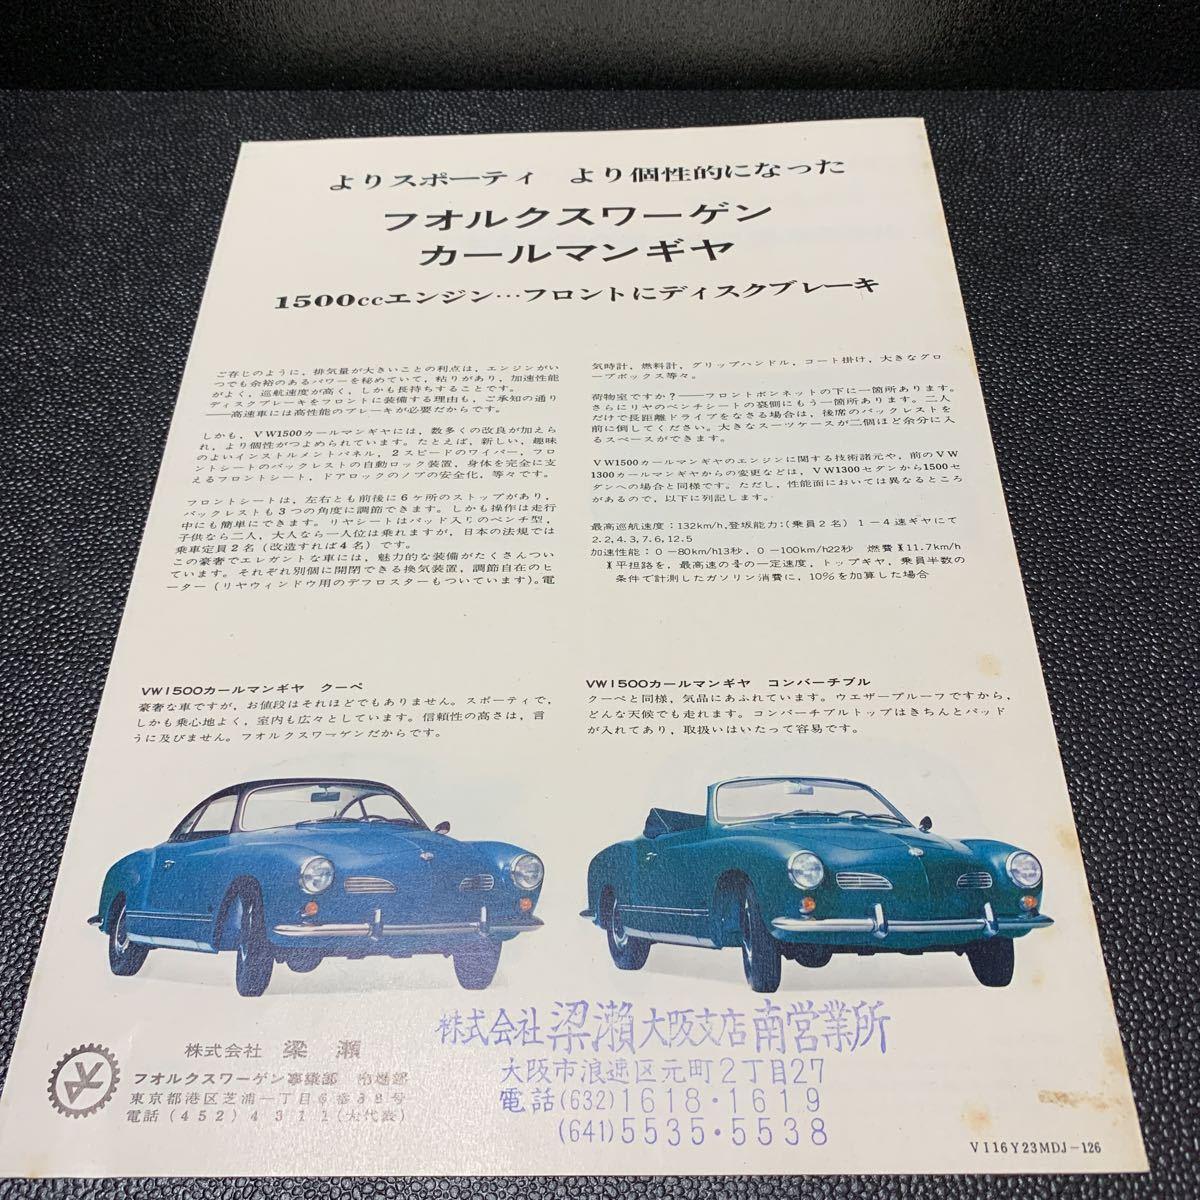 VW フォルクスワーゲン 空冷 ビートル タイプ1 柳瀬 ヤナセ 当時物 リーフレットカタログ _画像3